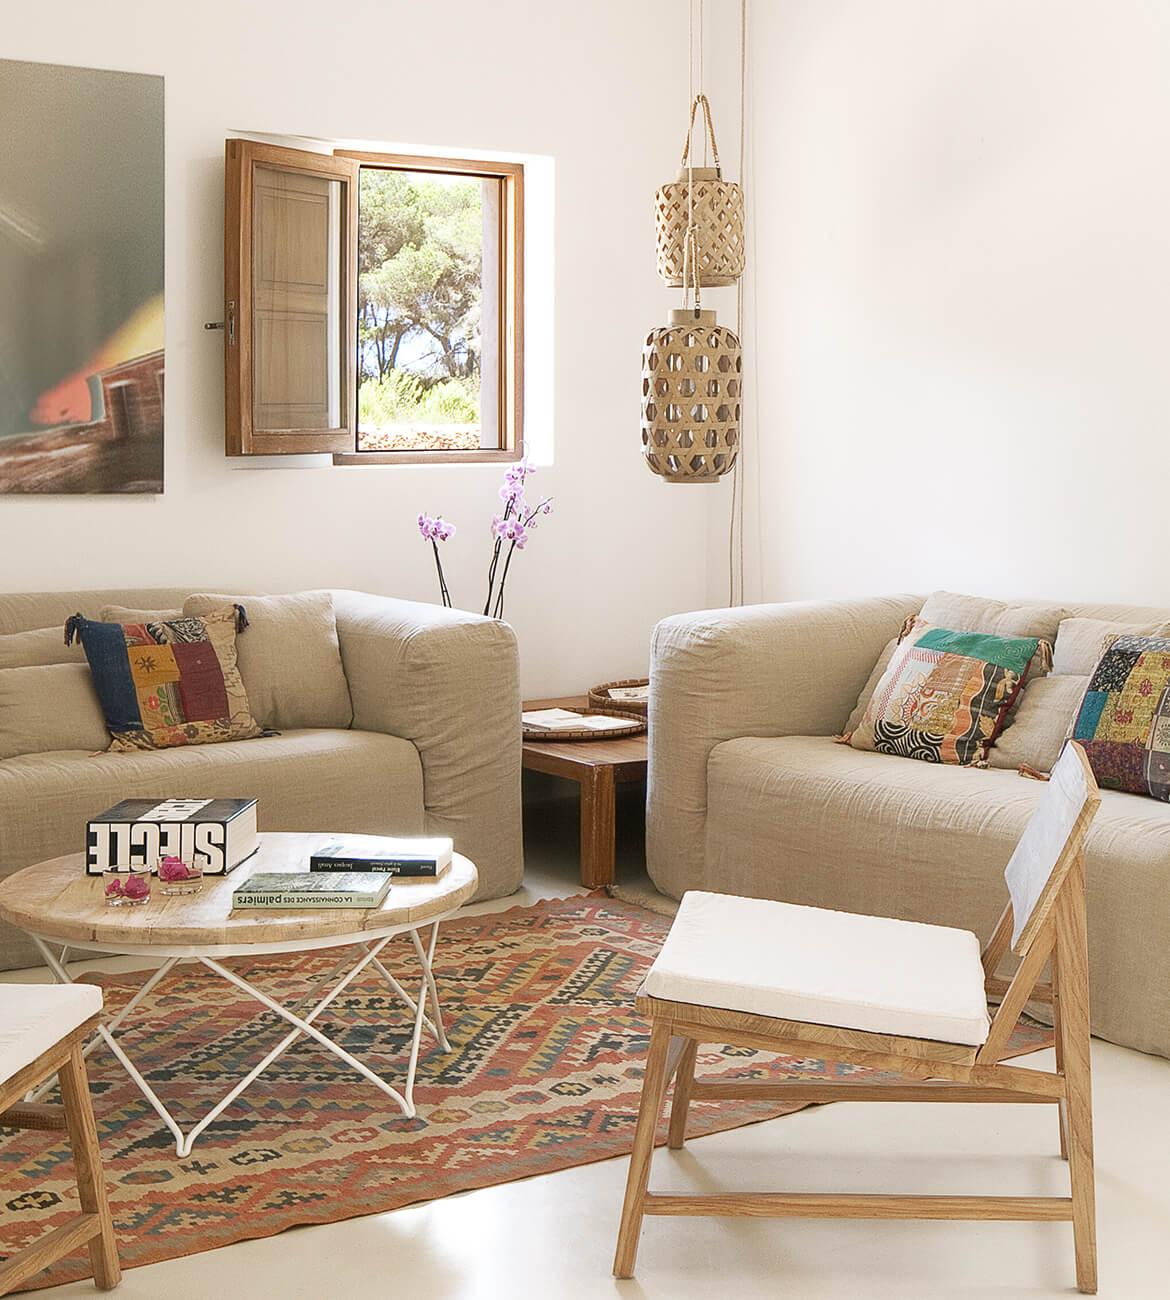 proyecto de interiorísmo Catalina House para casa Pep Lluqui. Salón